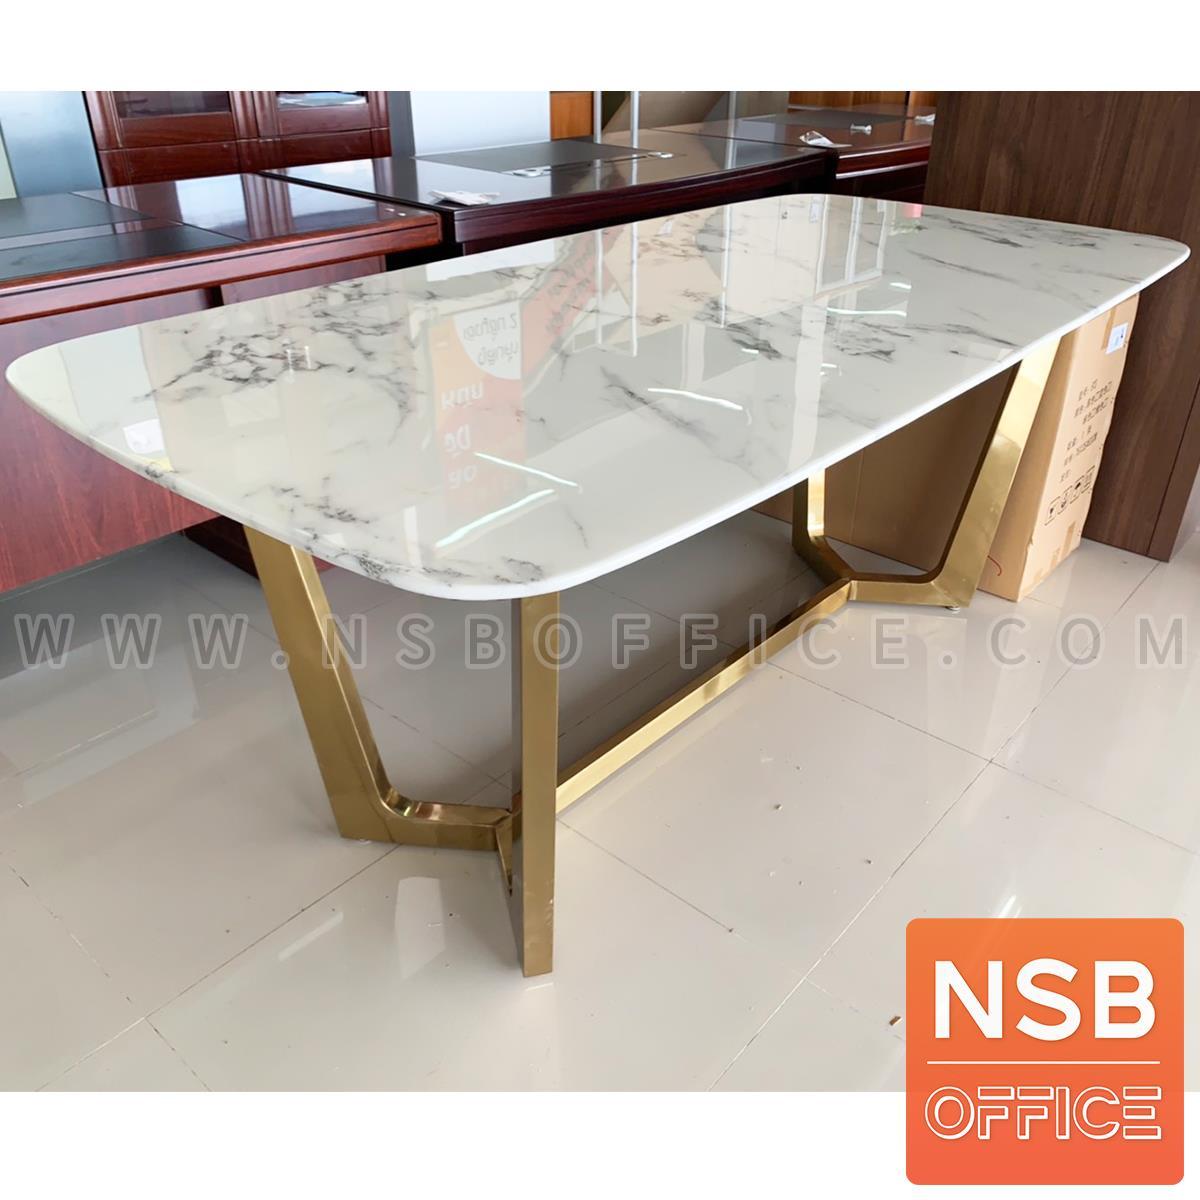 โต๊ะรับประทานอาหารหน้าหินอ่อน  รุ่น Dejavu (เดจาวู) ขนาด 180W*90D cm. ขาสแตนเลสสีทอง